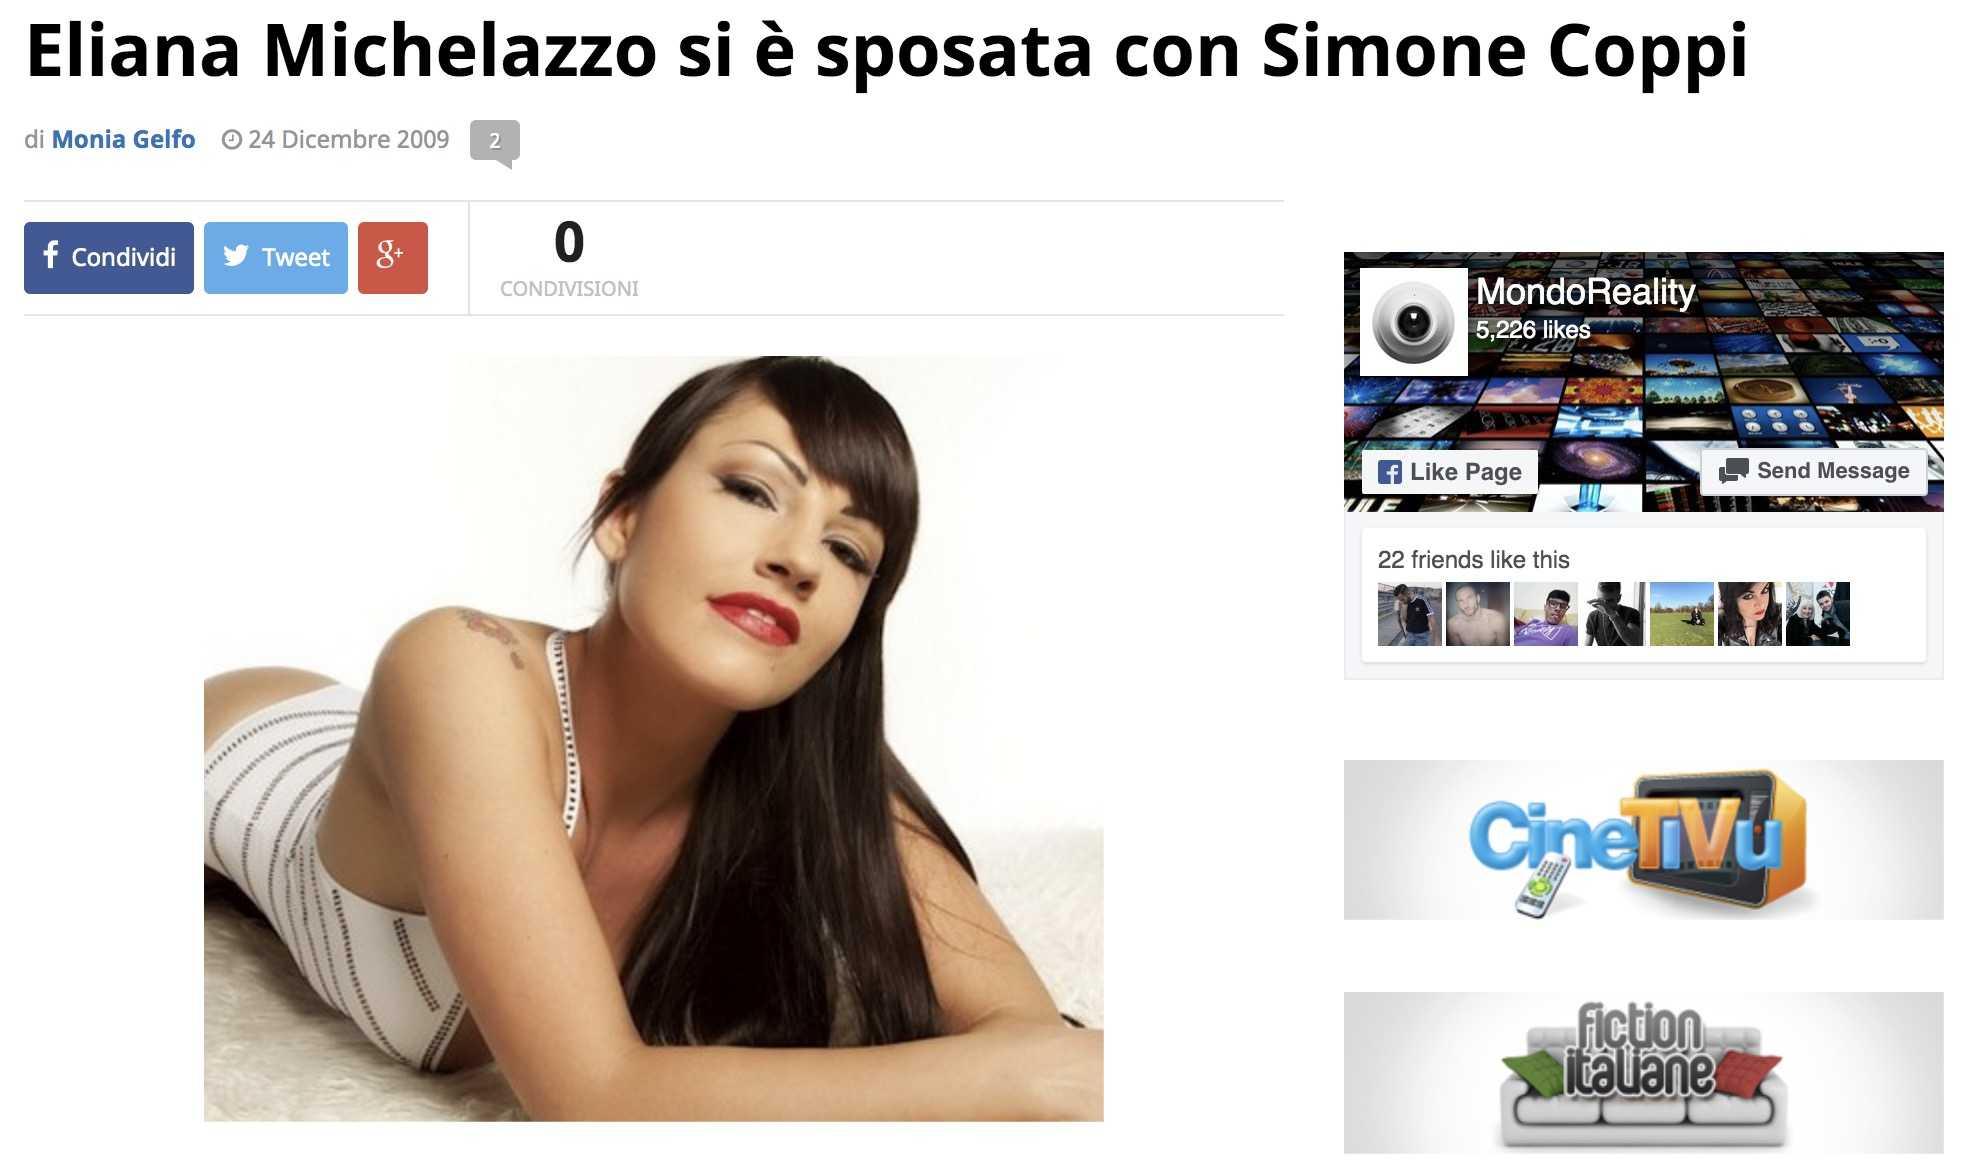 Alfonso Signorini truffato: la confessione al Maurizio Costanzo Show